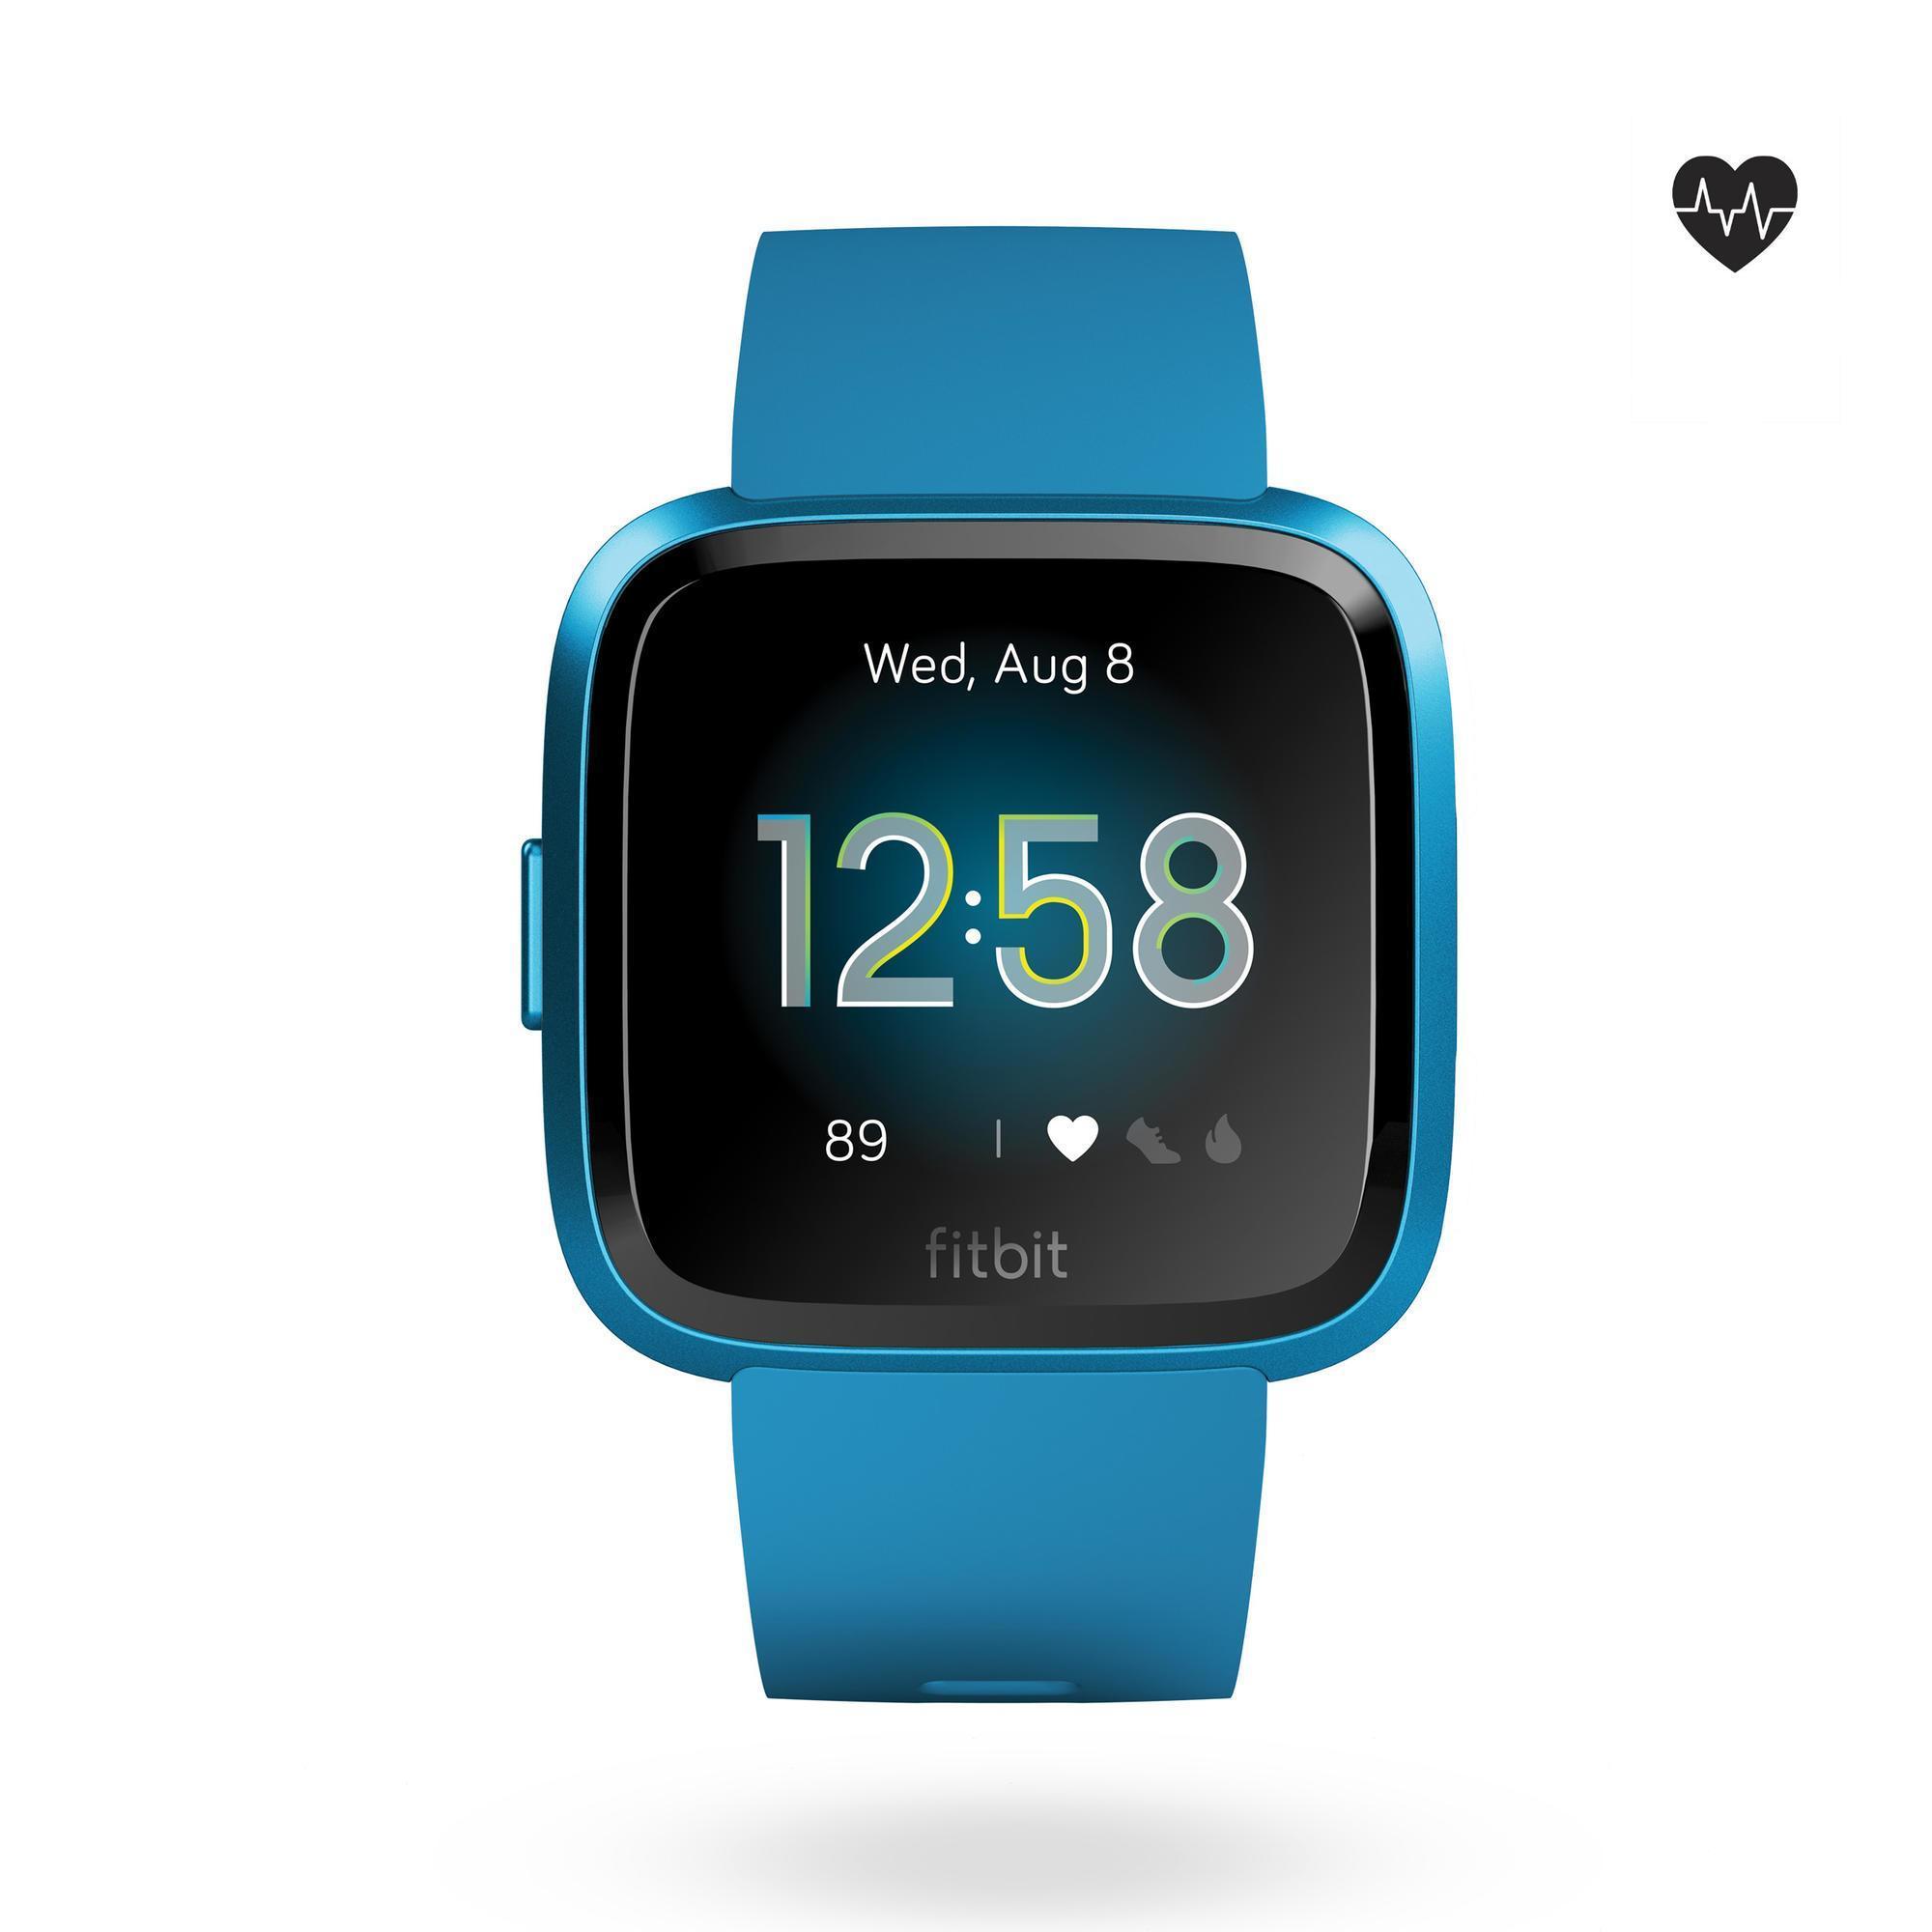 Smartwatch Versa Lite mit Pulsmesser am Handgelenk blau | Uhren > Smartwatches | Fitbit